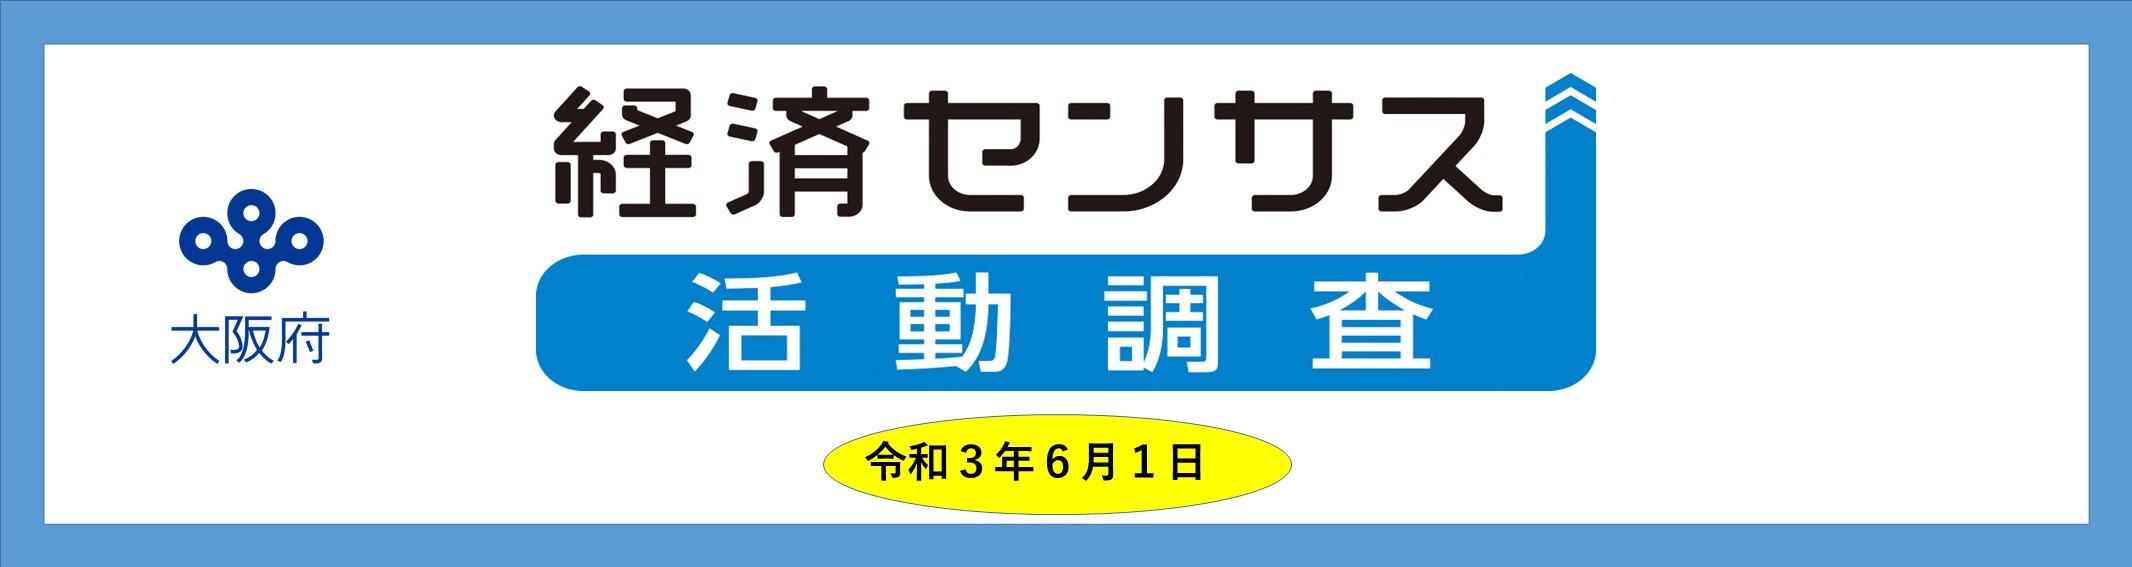 大阪府 経済センサス活動調査